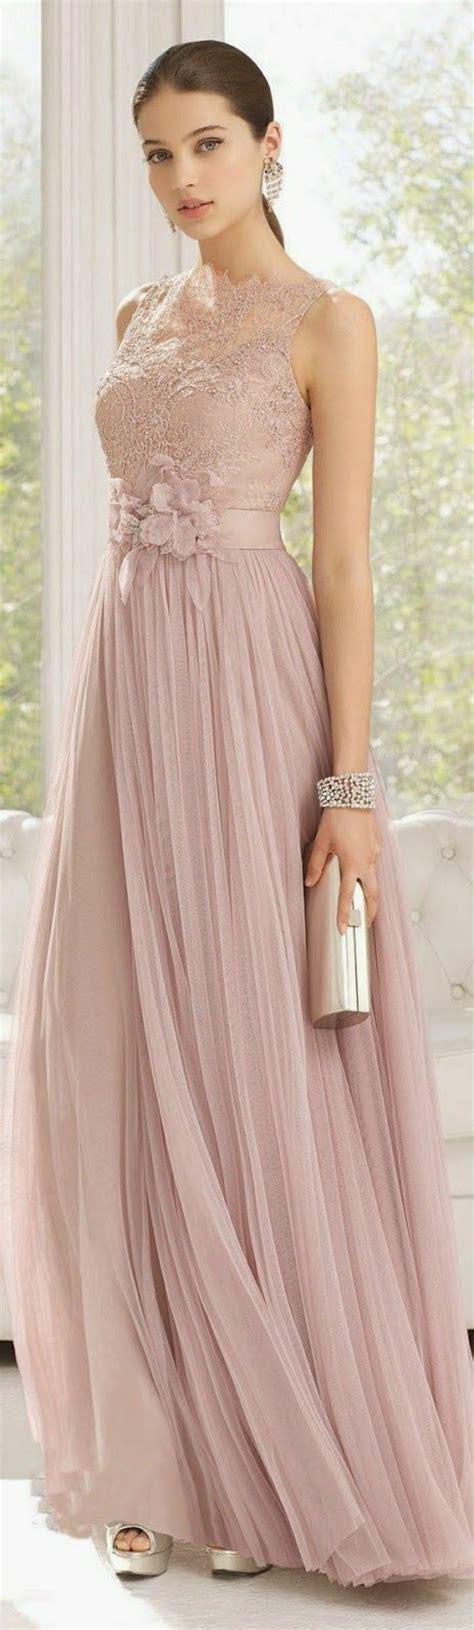 wo gibt es günstige brautkleider rosa brautkleid f 252 r einen 246 sen hochzeits look